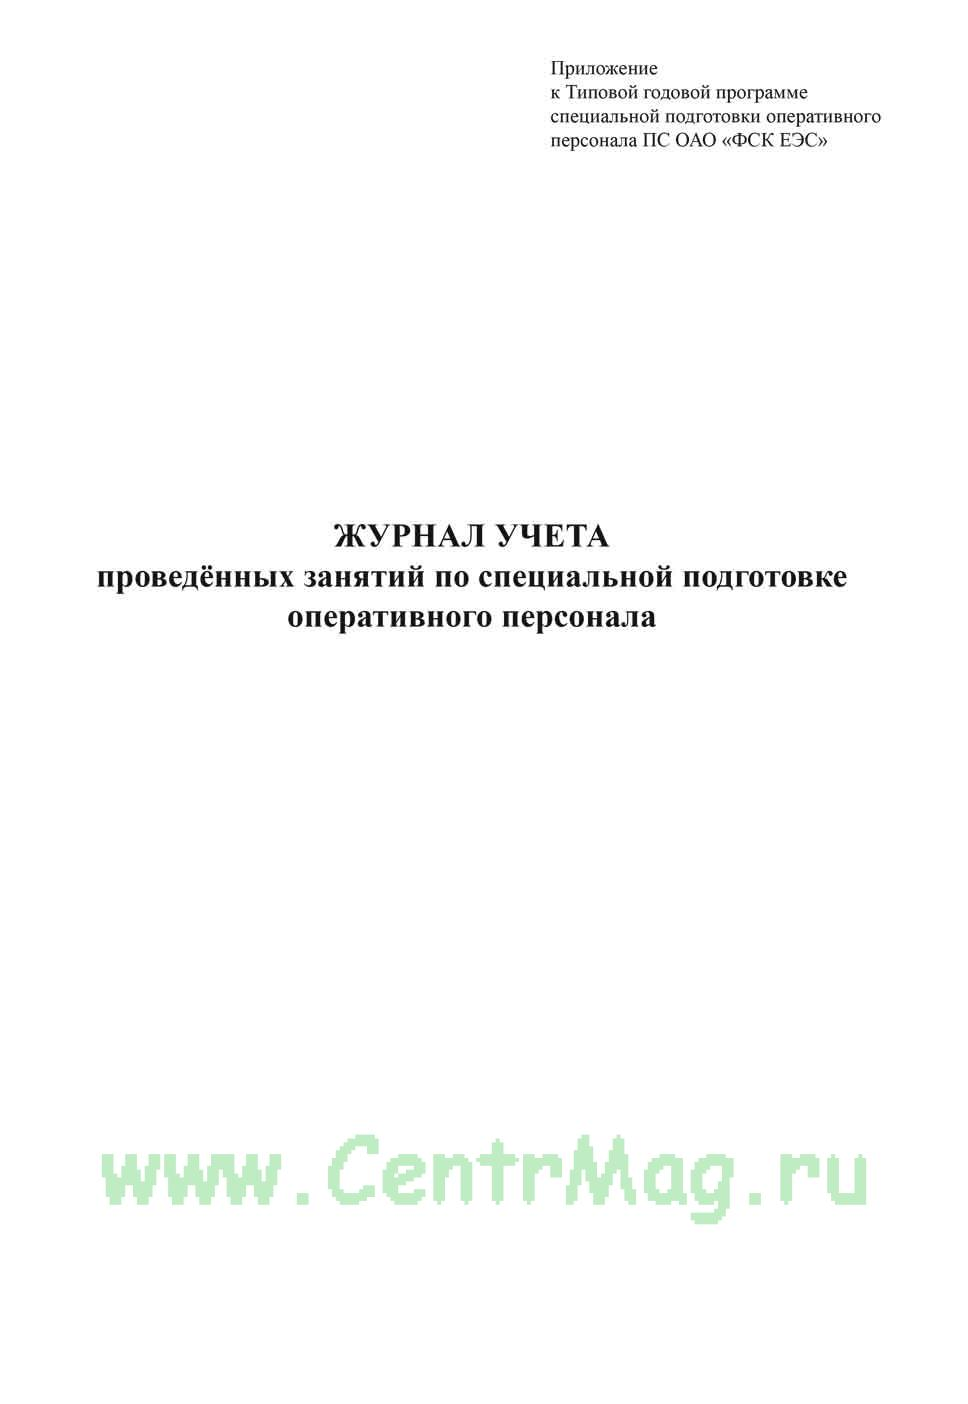 Журнал учета проведённых занятий по специальной подготовке оперативного персонала